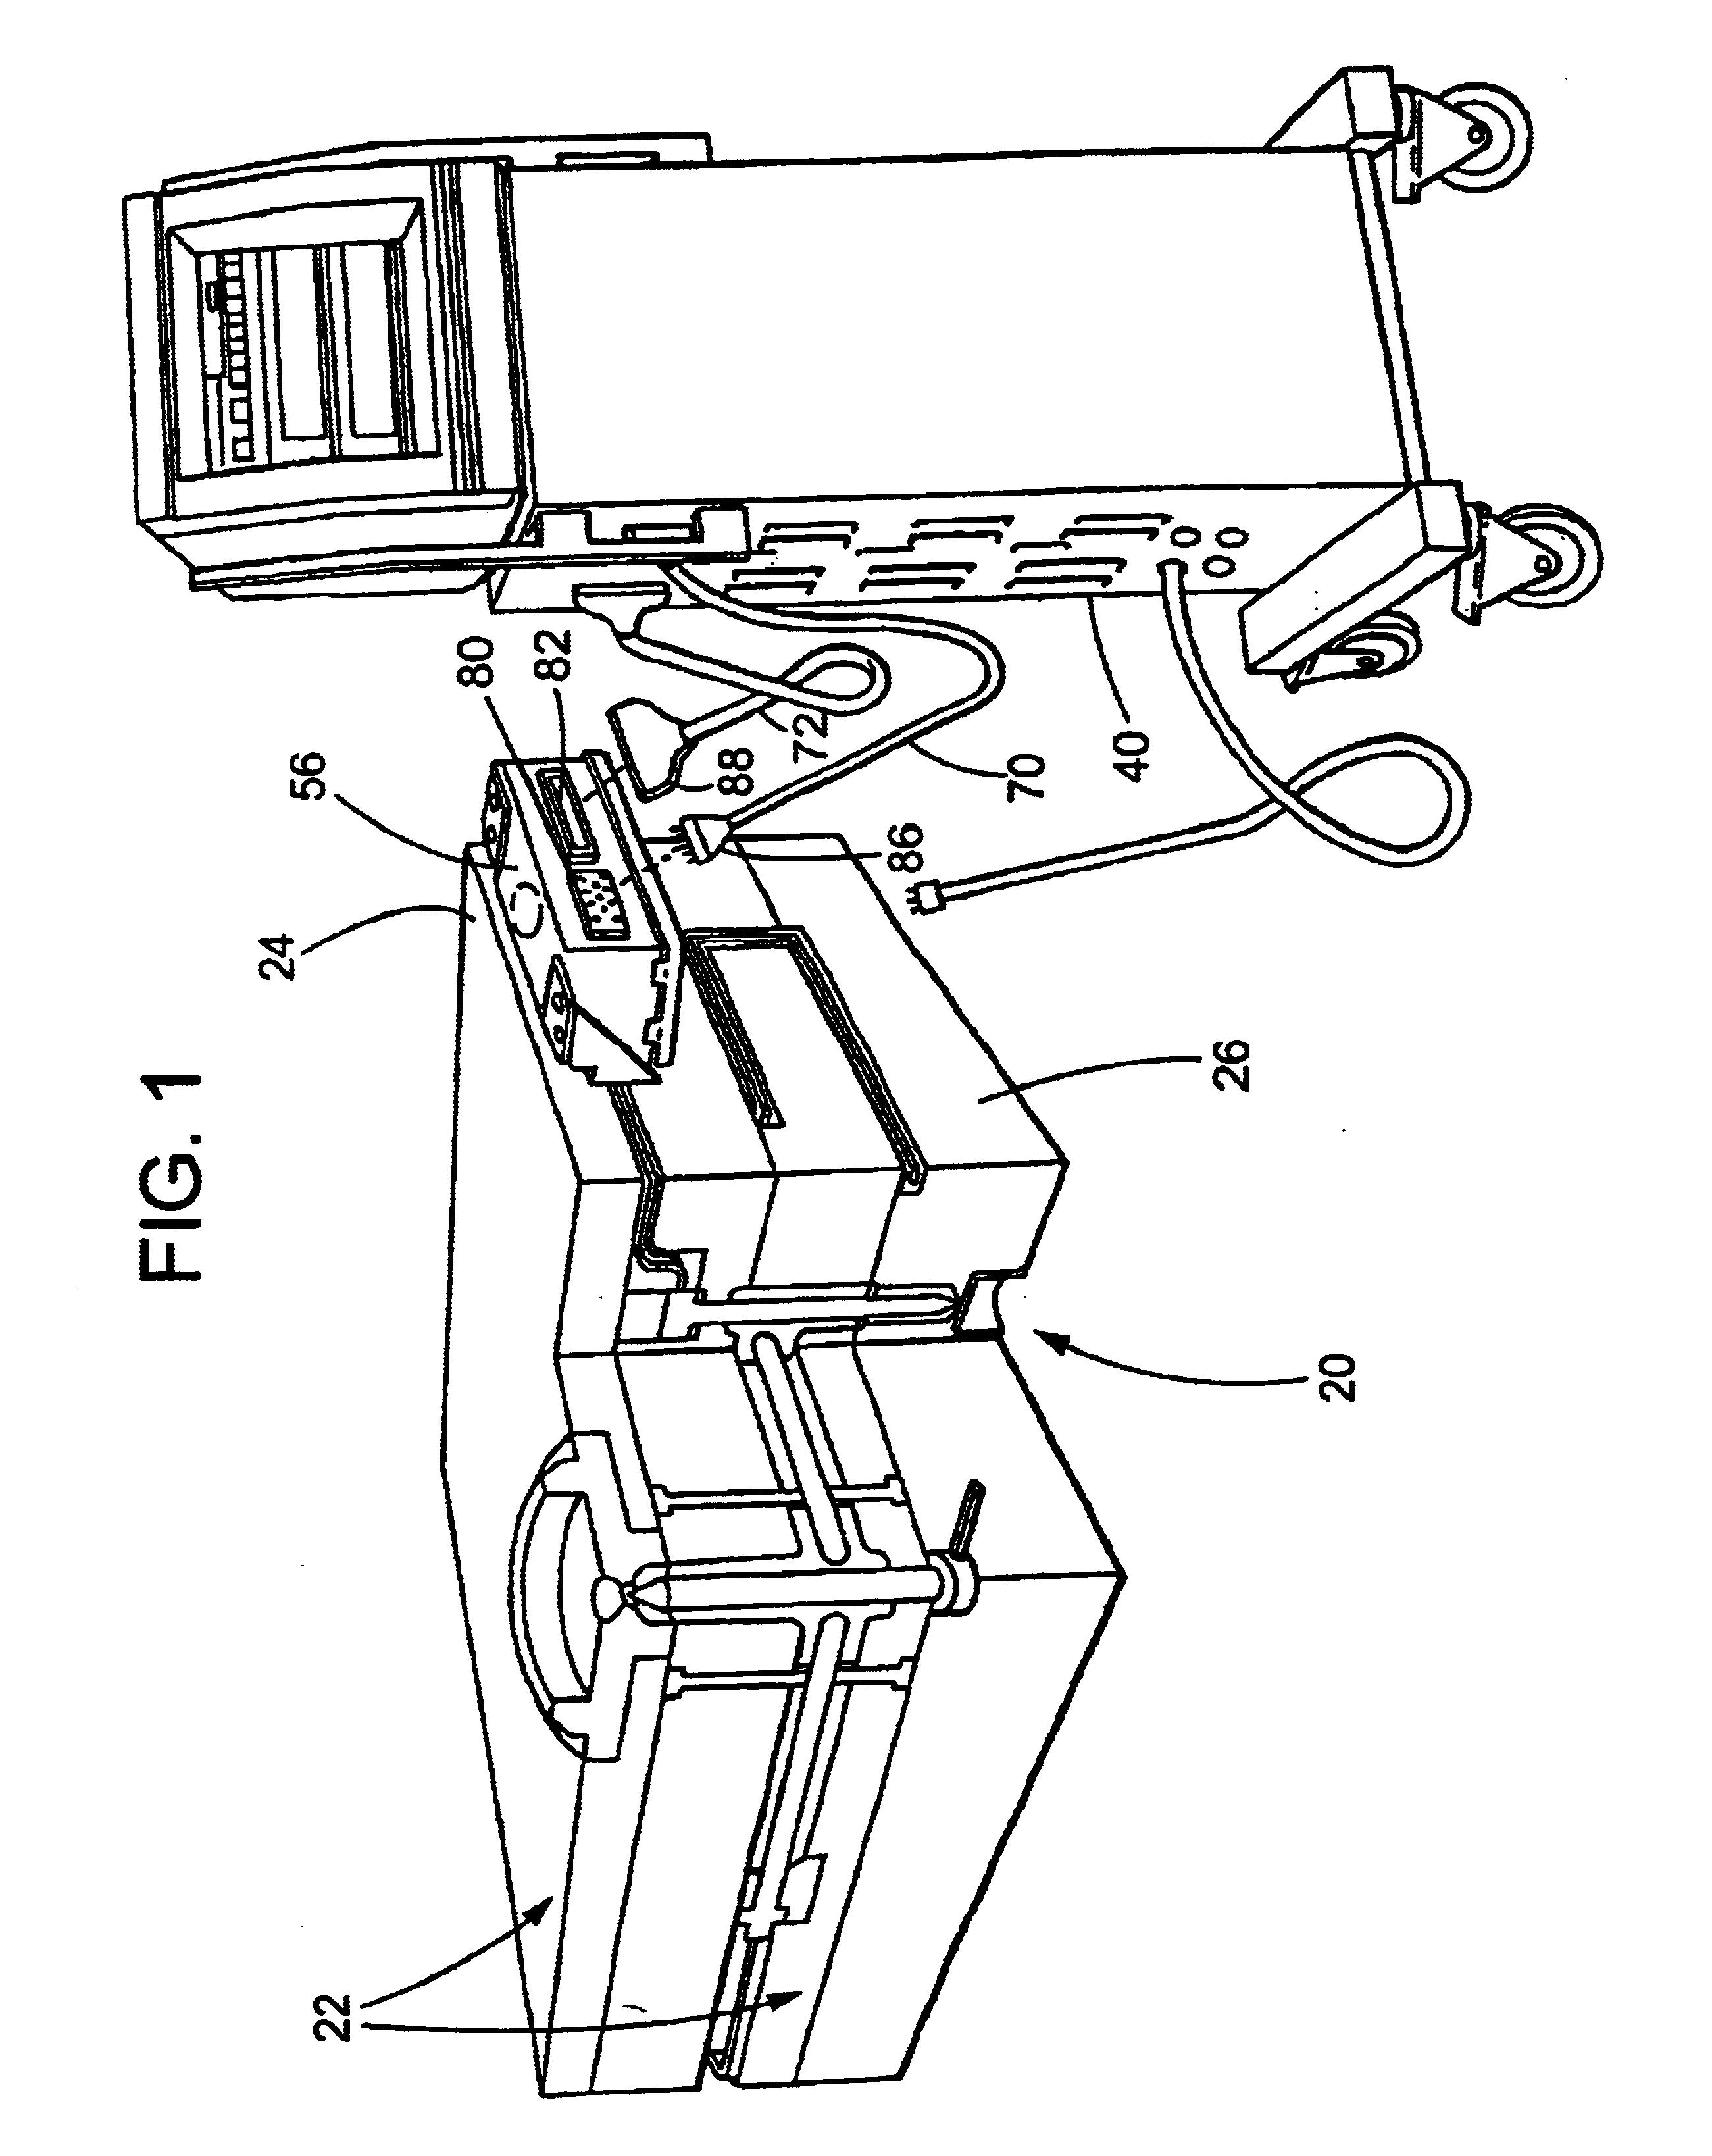 patent us6913453